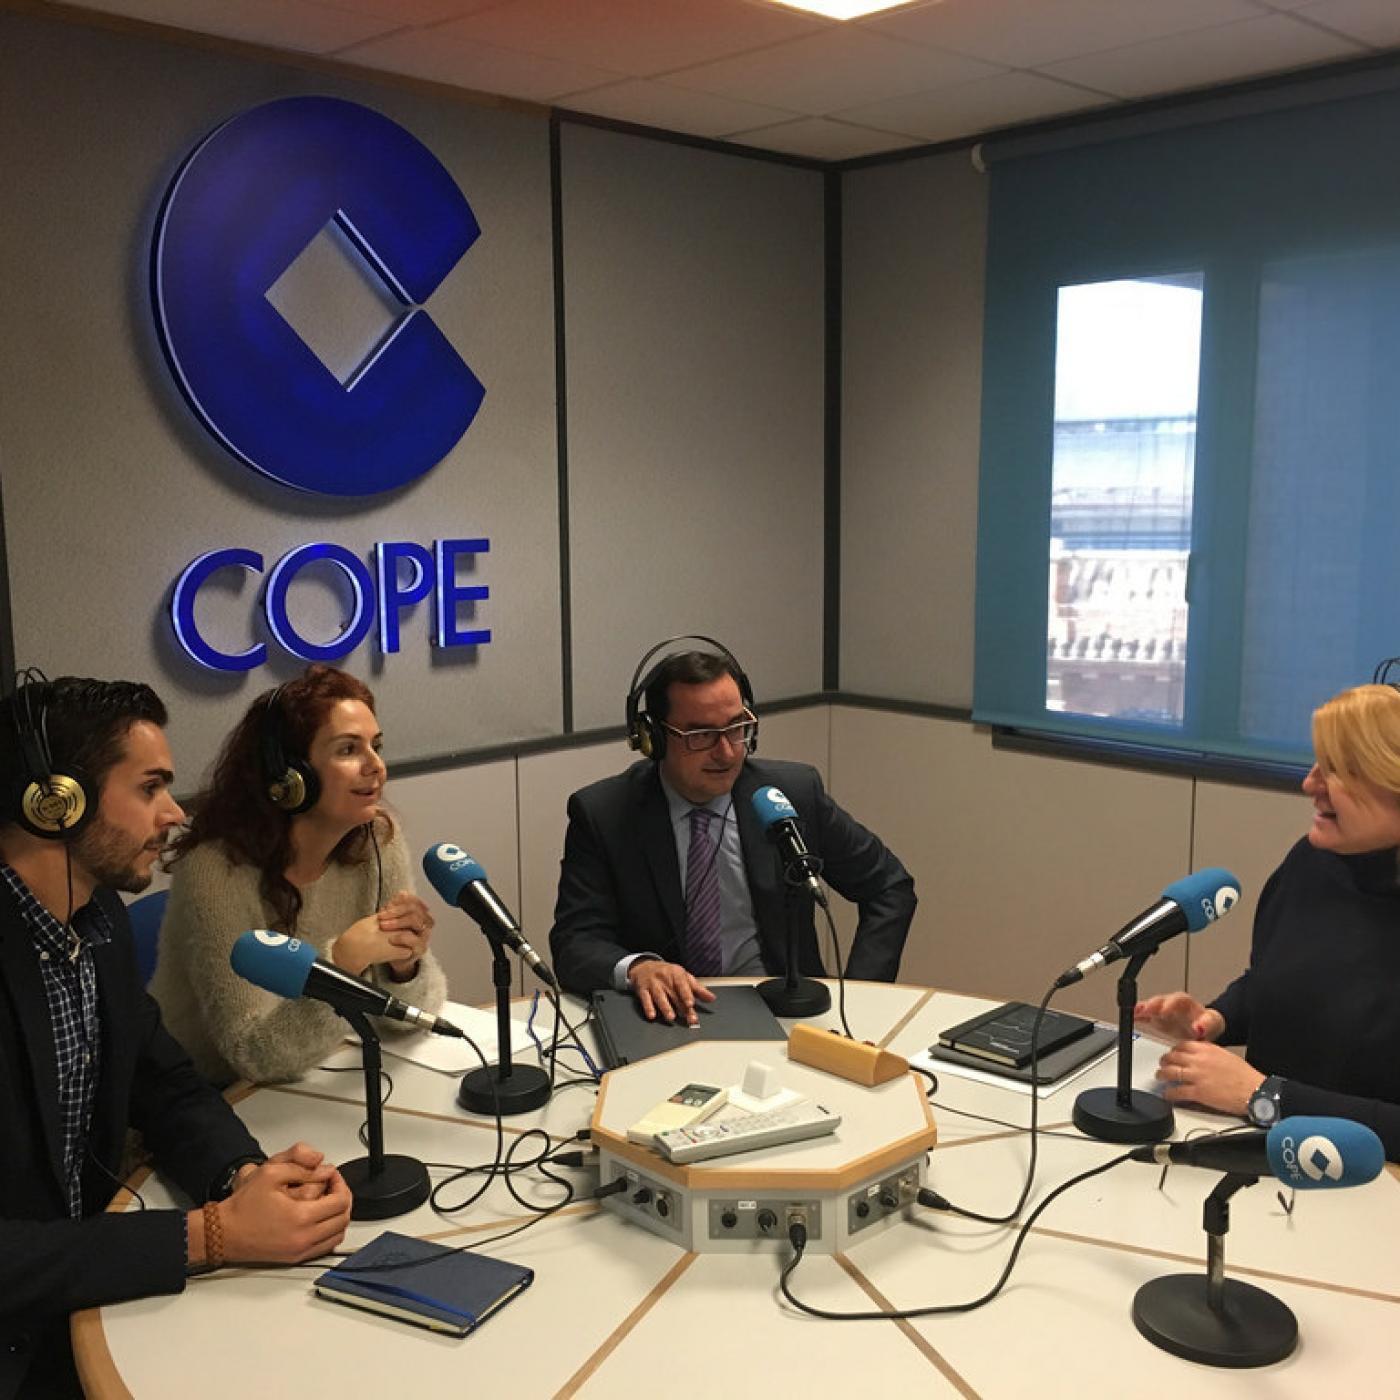 Thumbnail for 2015-12-16 - Hablando de Geomática y su Formación Universitaria en el 92.6FM de COPE Valencia